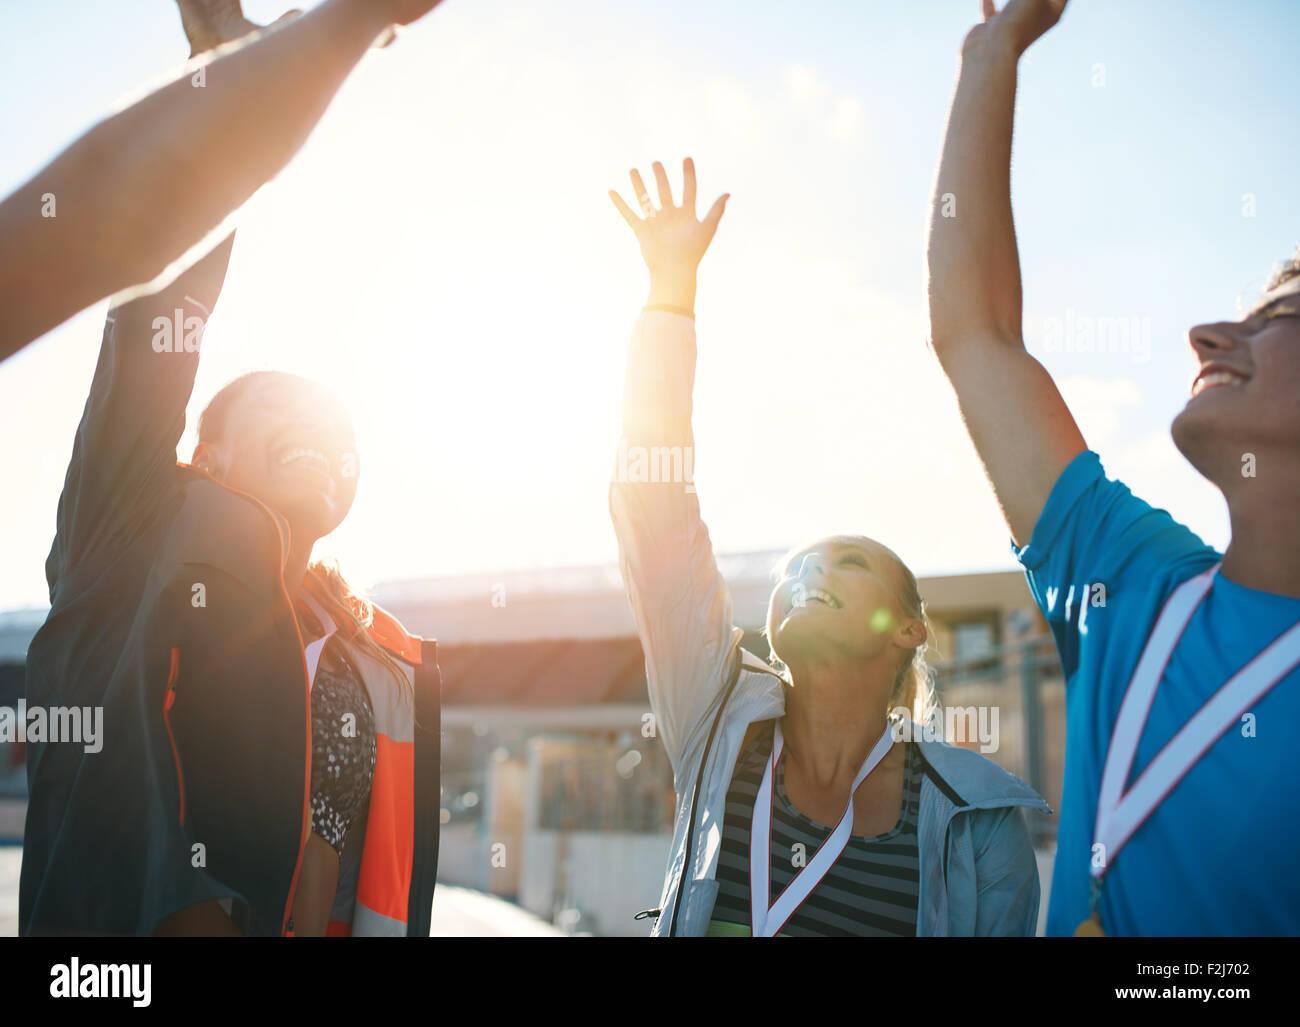 Grupo de atletas jóvenes celebrando el éxito mientras está de pie en un grupito. Equipo de atletas Imagen De Stock